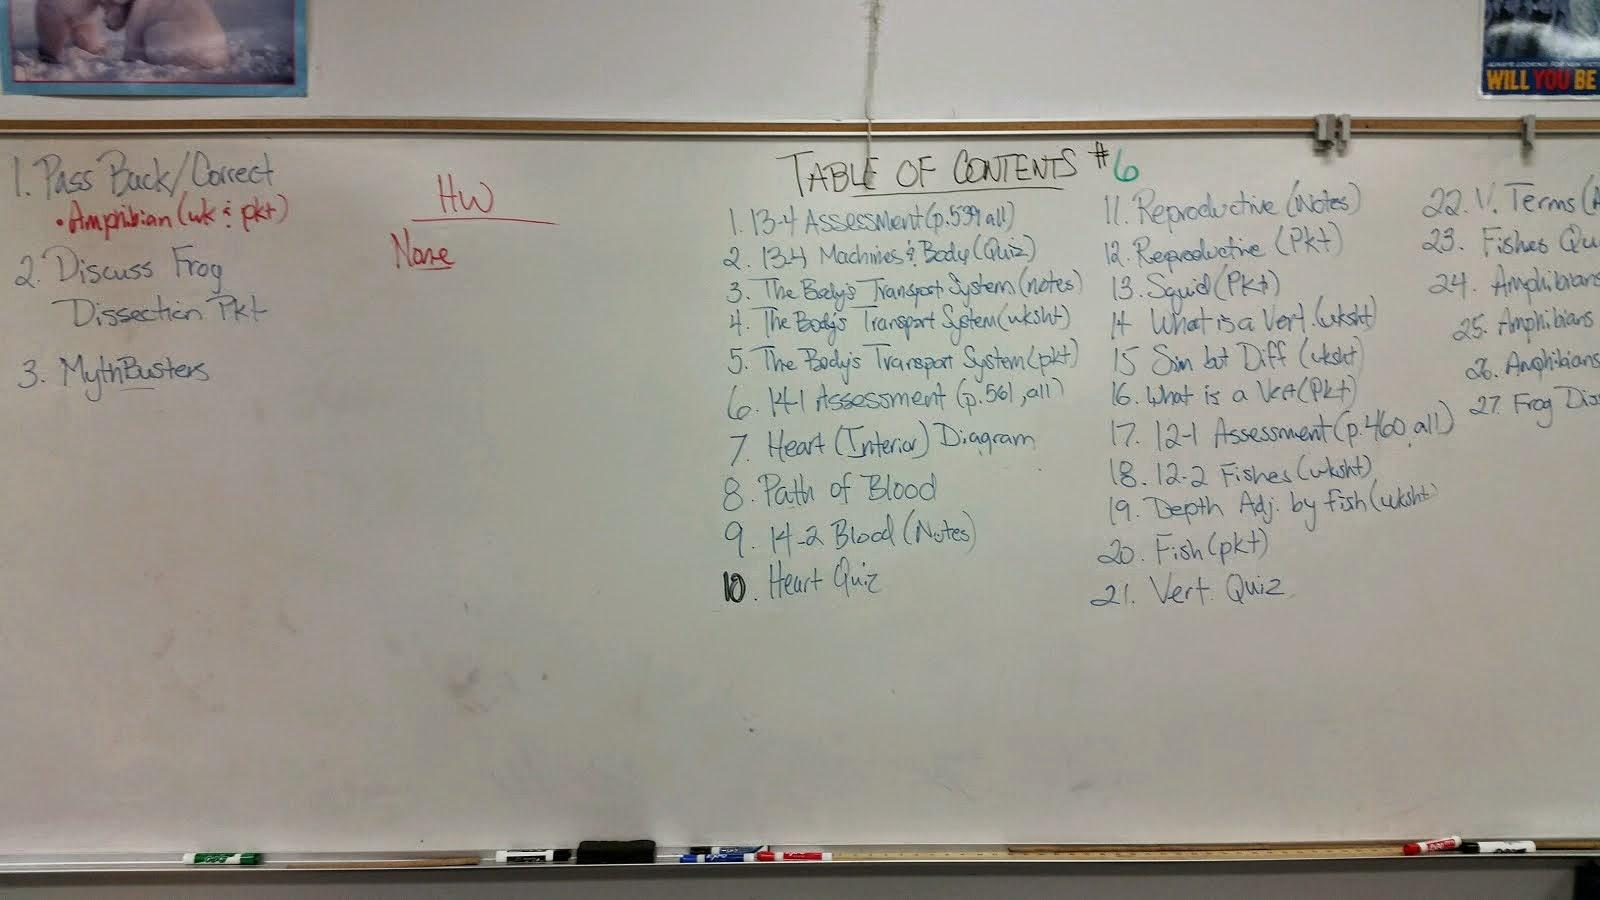 Life cycle of frog worksheets - Okeh Sciencelabs